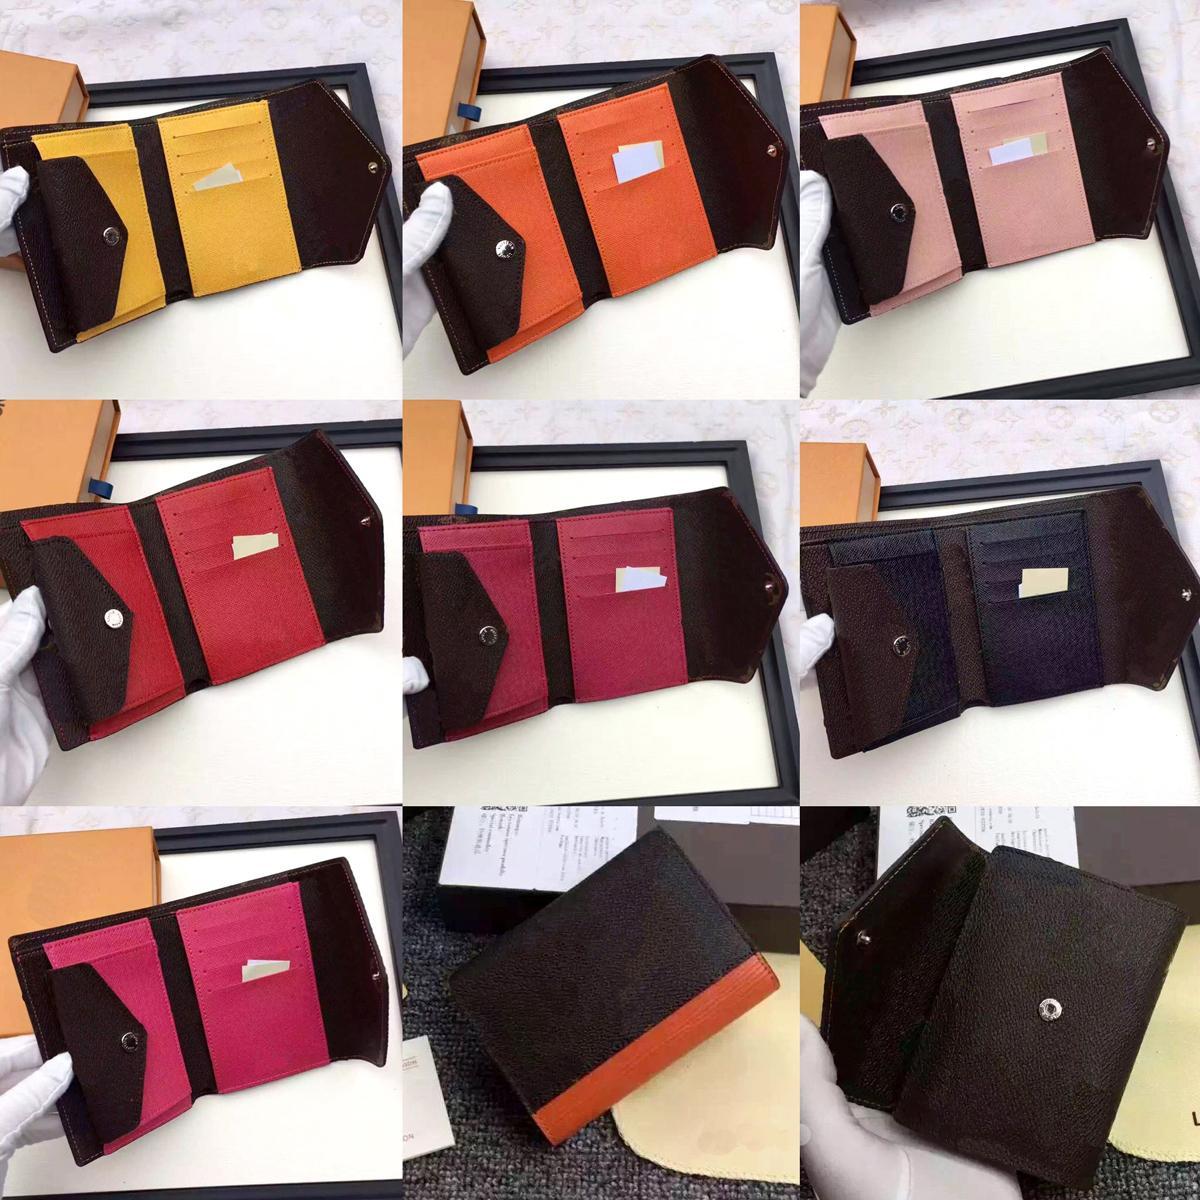 Großhandel Designer-Mappen-Leder-Mehrfarbengeldbörse kurze Brieftasche Polychromatic Geldbeutel Dame Kartenhalter classic Mini Reißverschlusstasche Marke